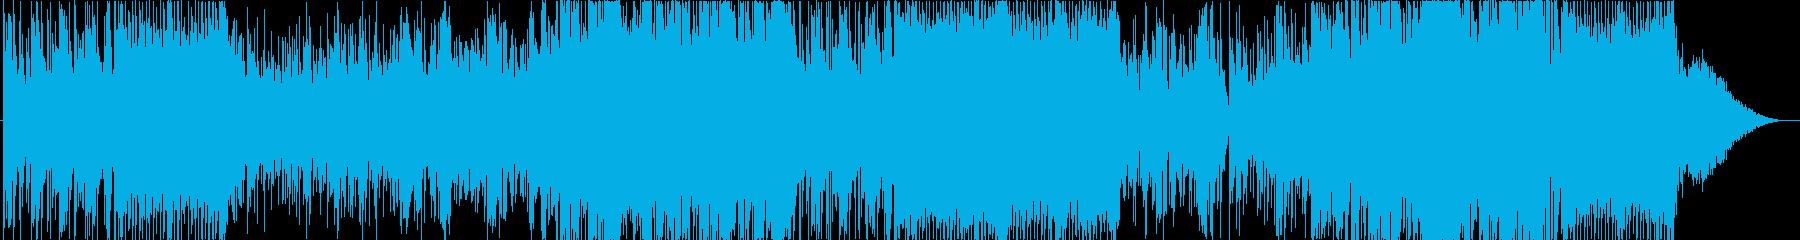 夏の始まりに聞きたいガールズポップロックの再生済みの波形